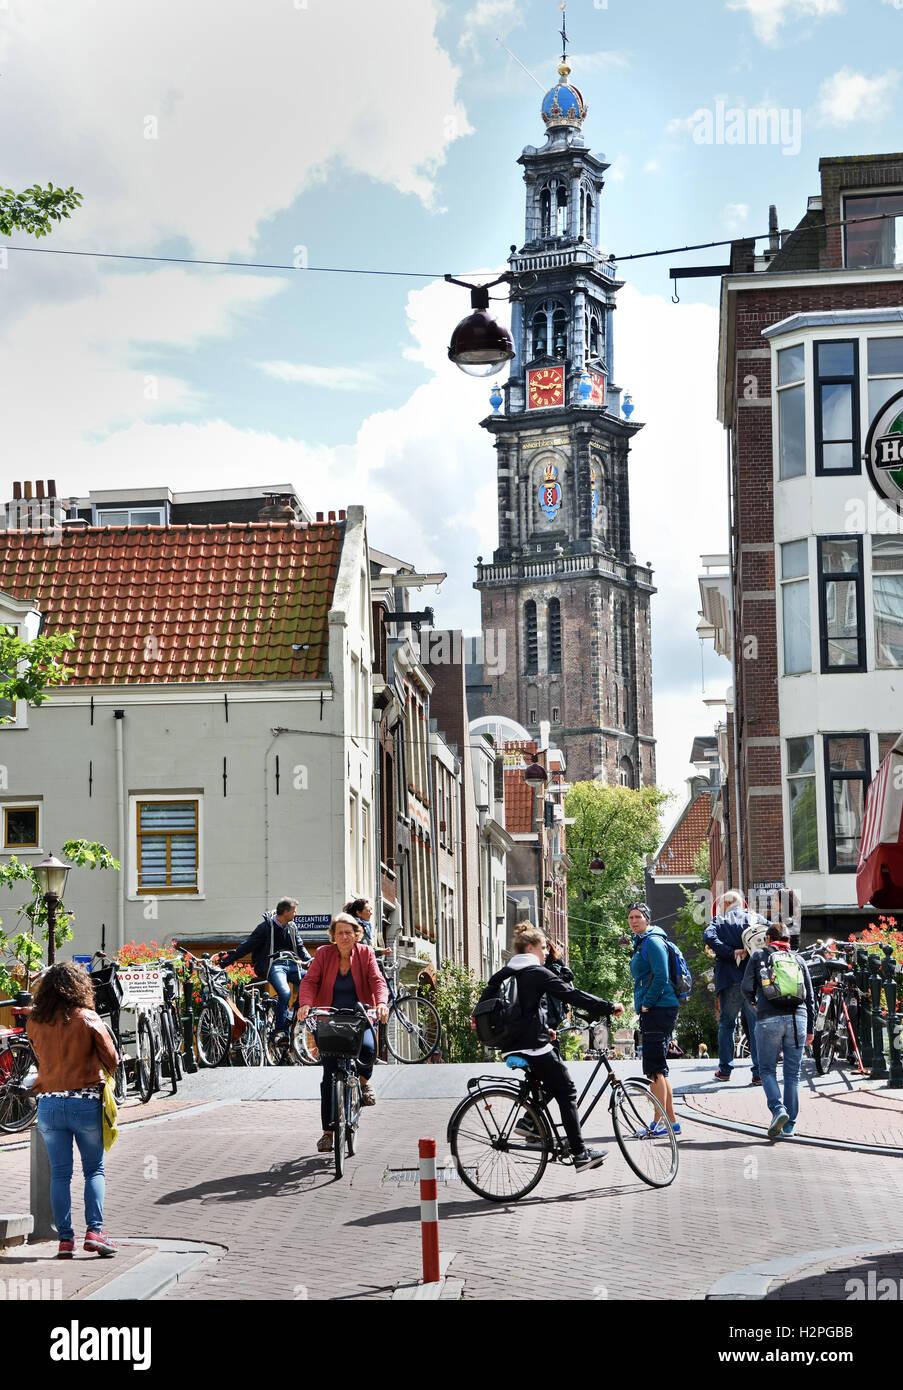 Eerste Leliedwarsstraat Westerkerk - Jordaan Amsterdam Pays-Bas Photo Stock